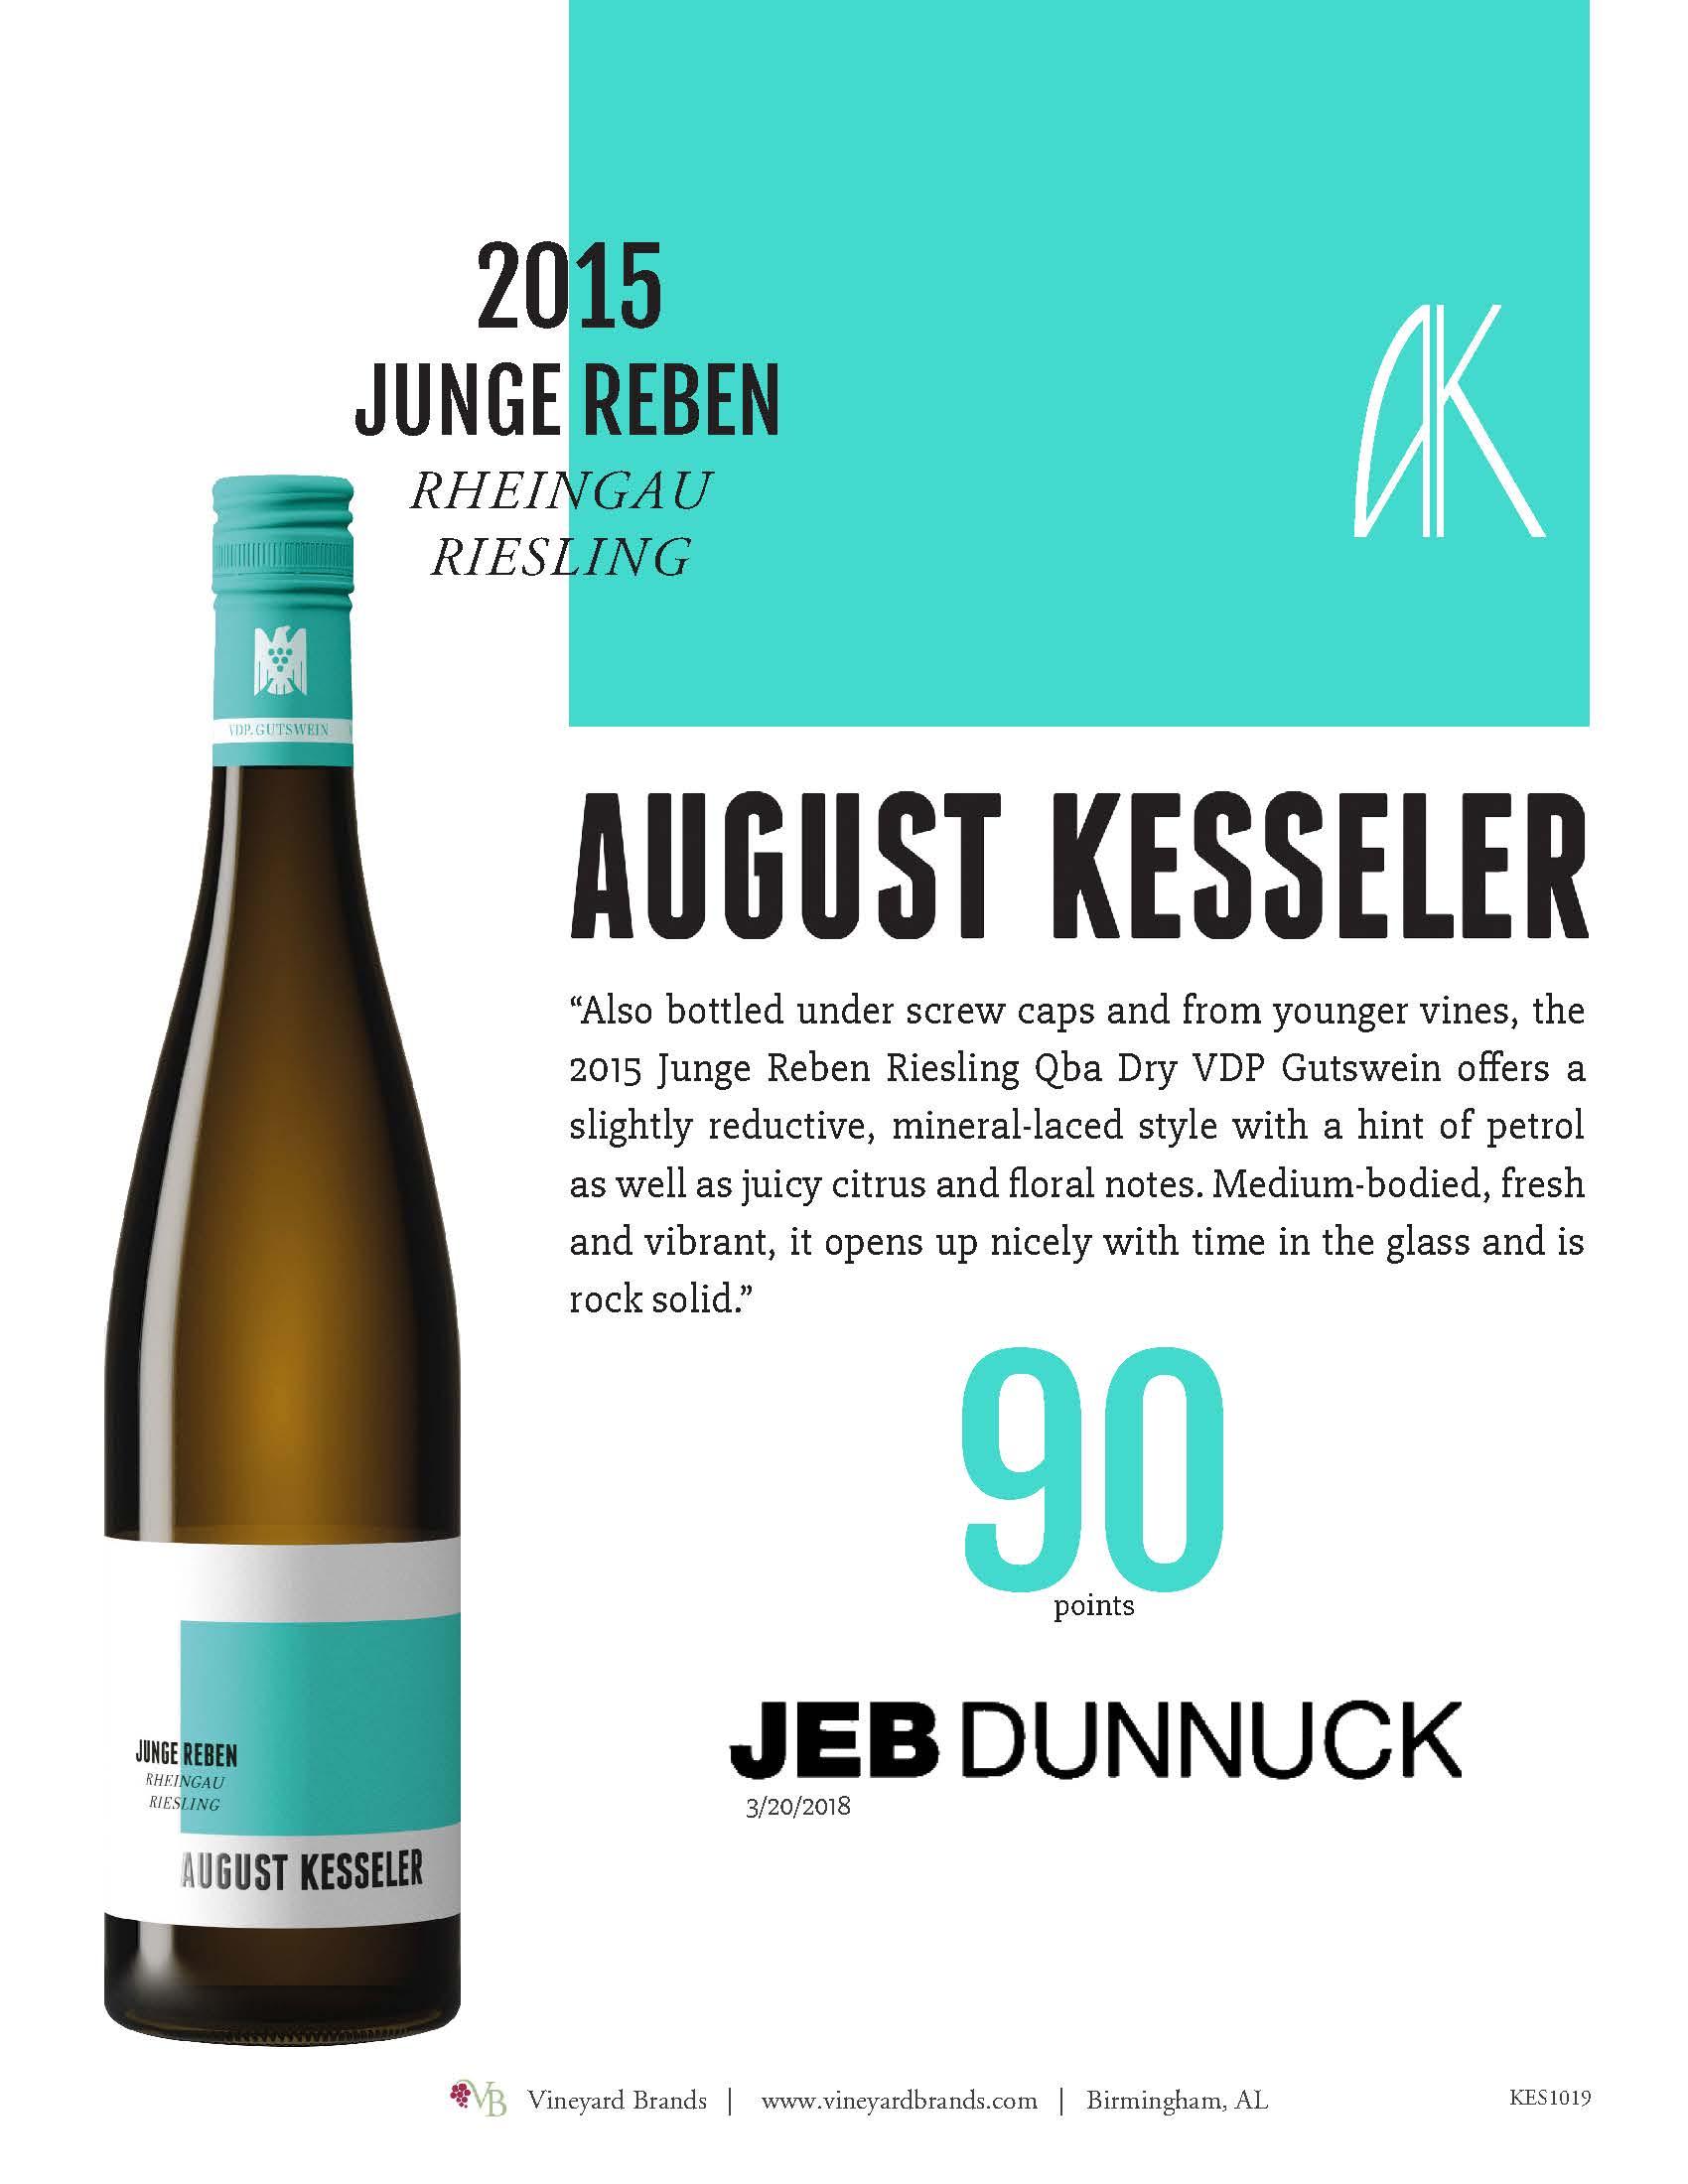 Kessler Junge Reben Riesling 2015.jpg